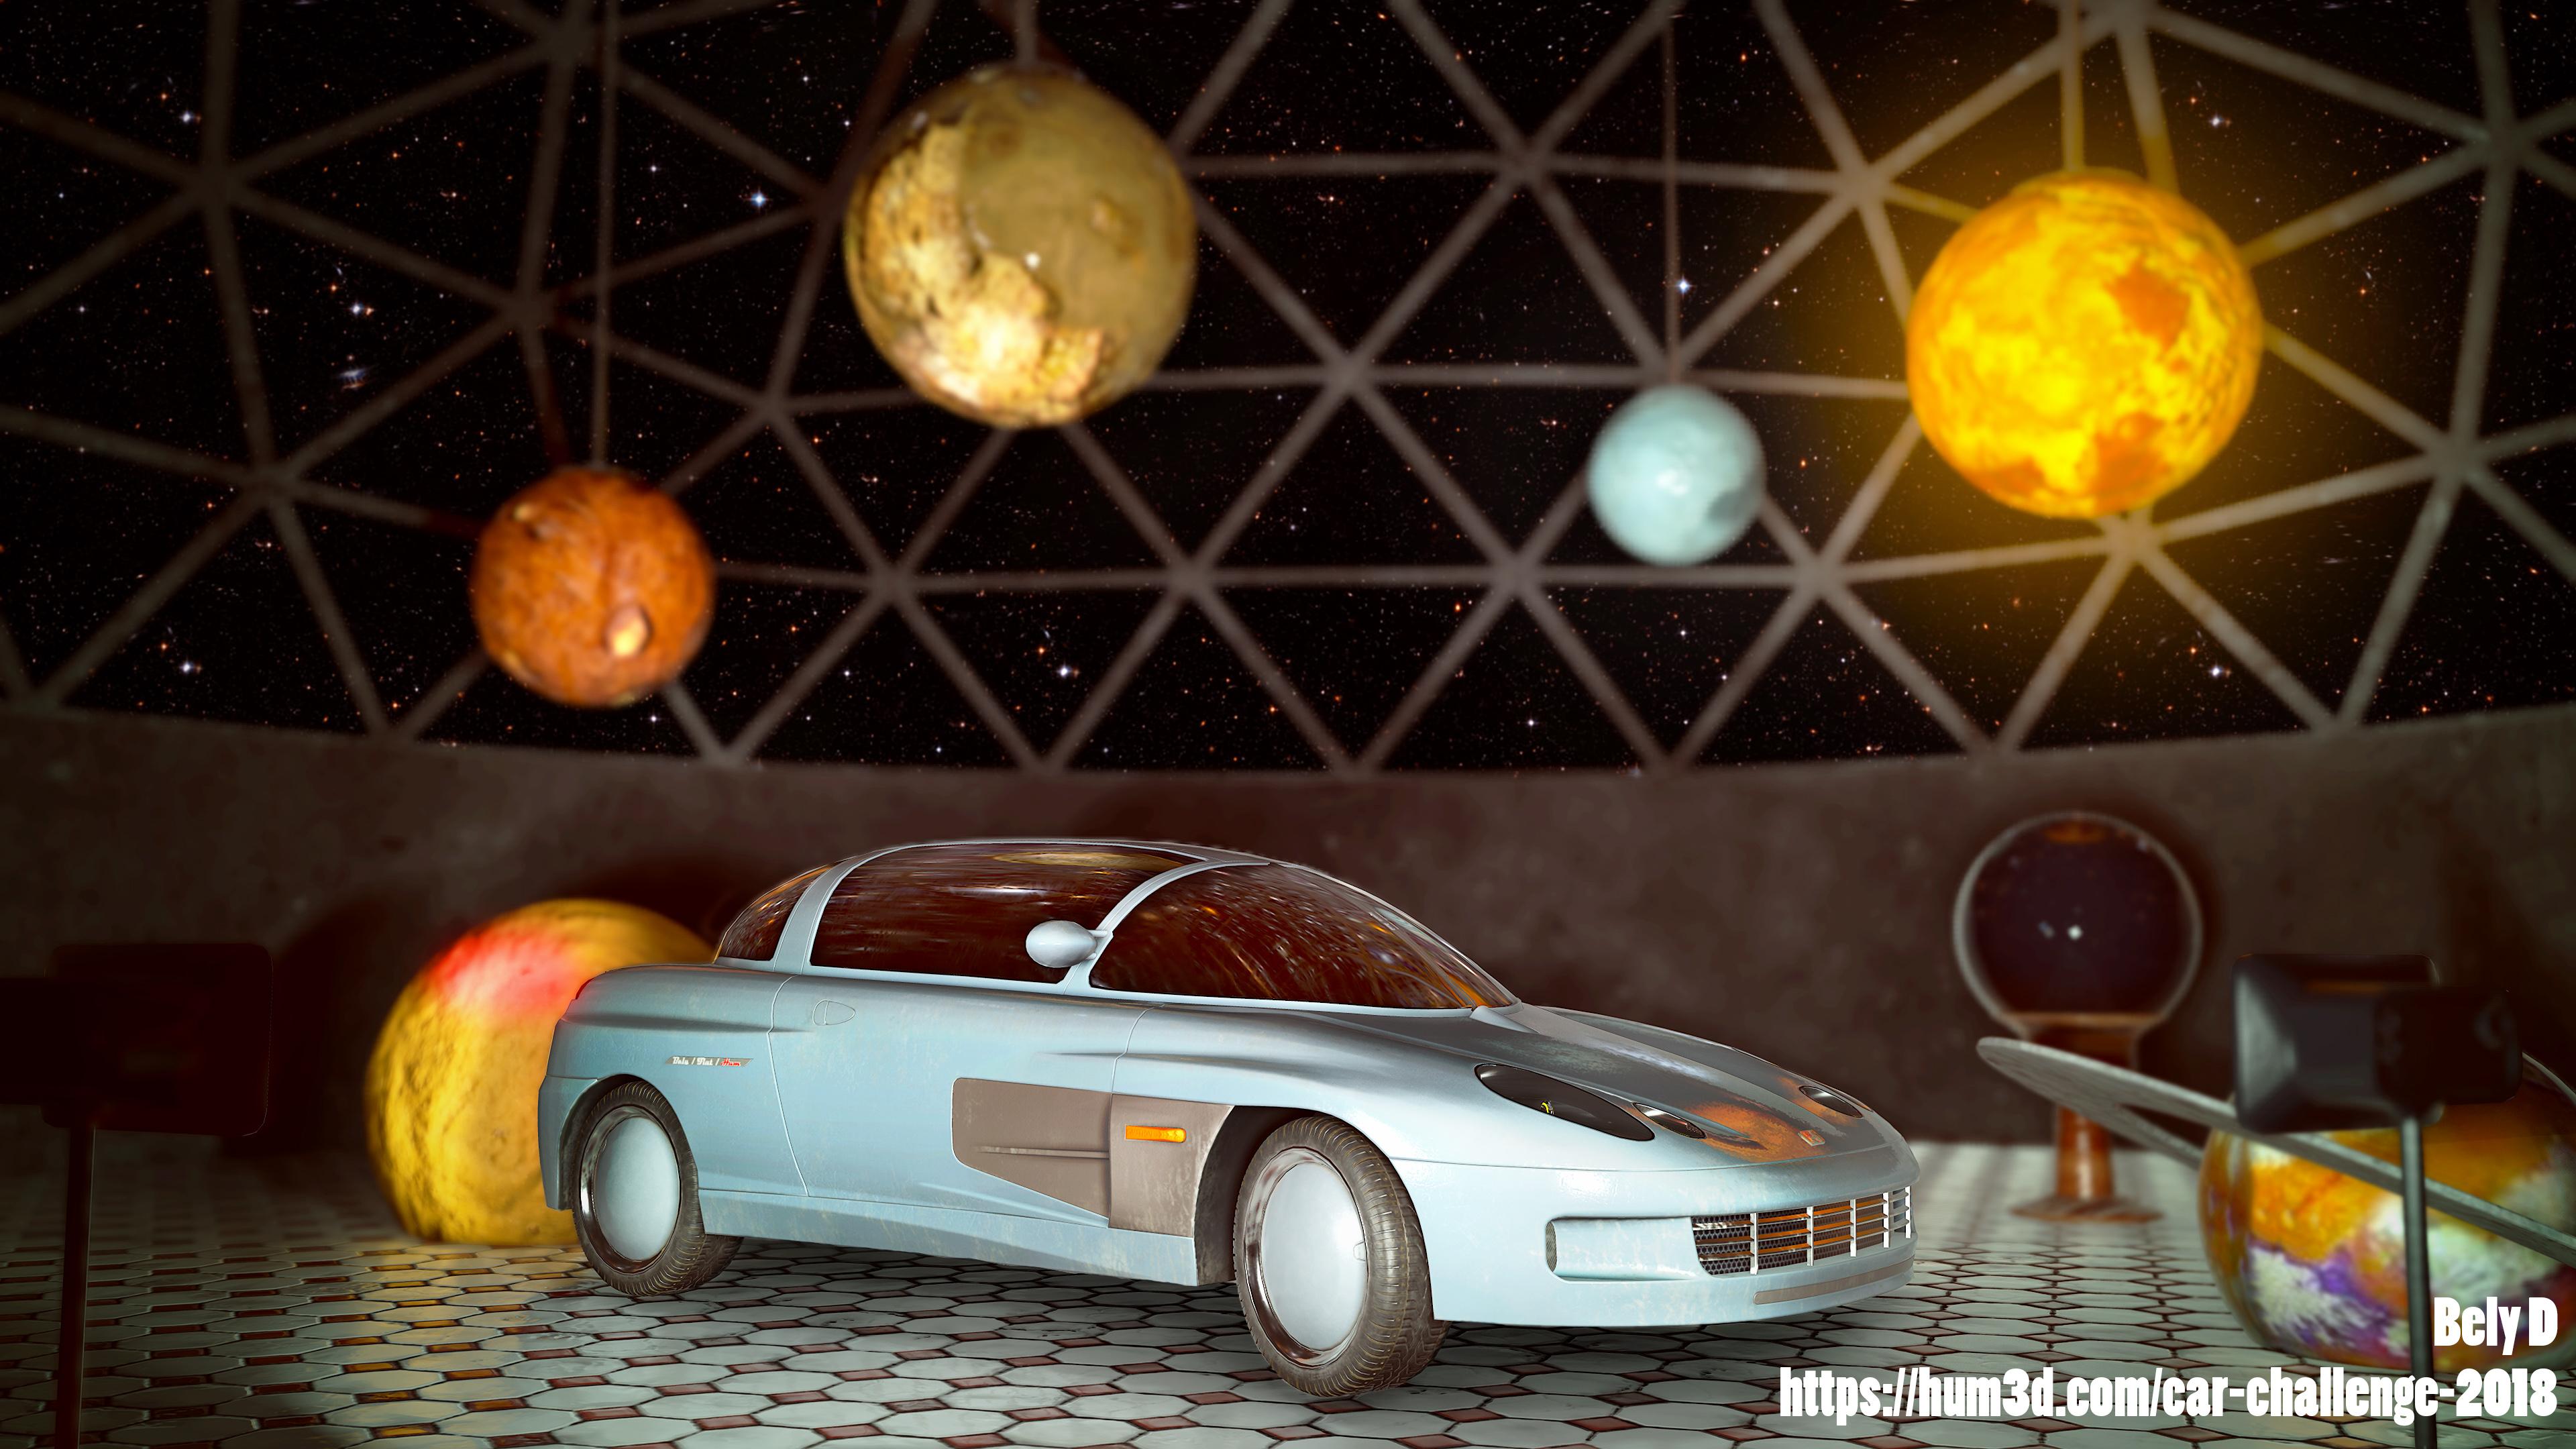 Space dust 3d art